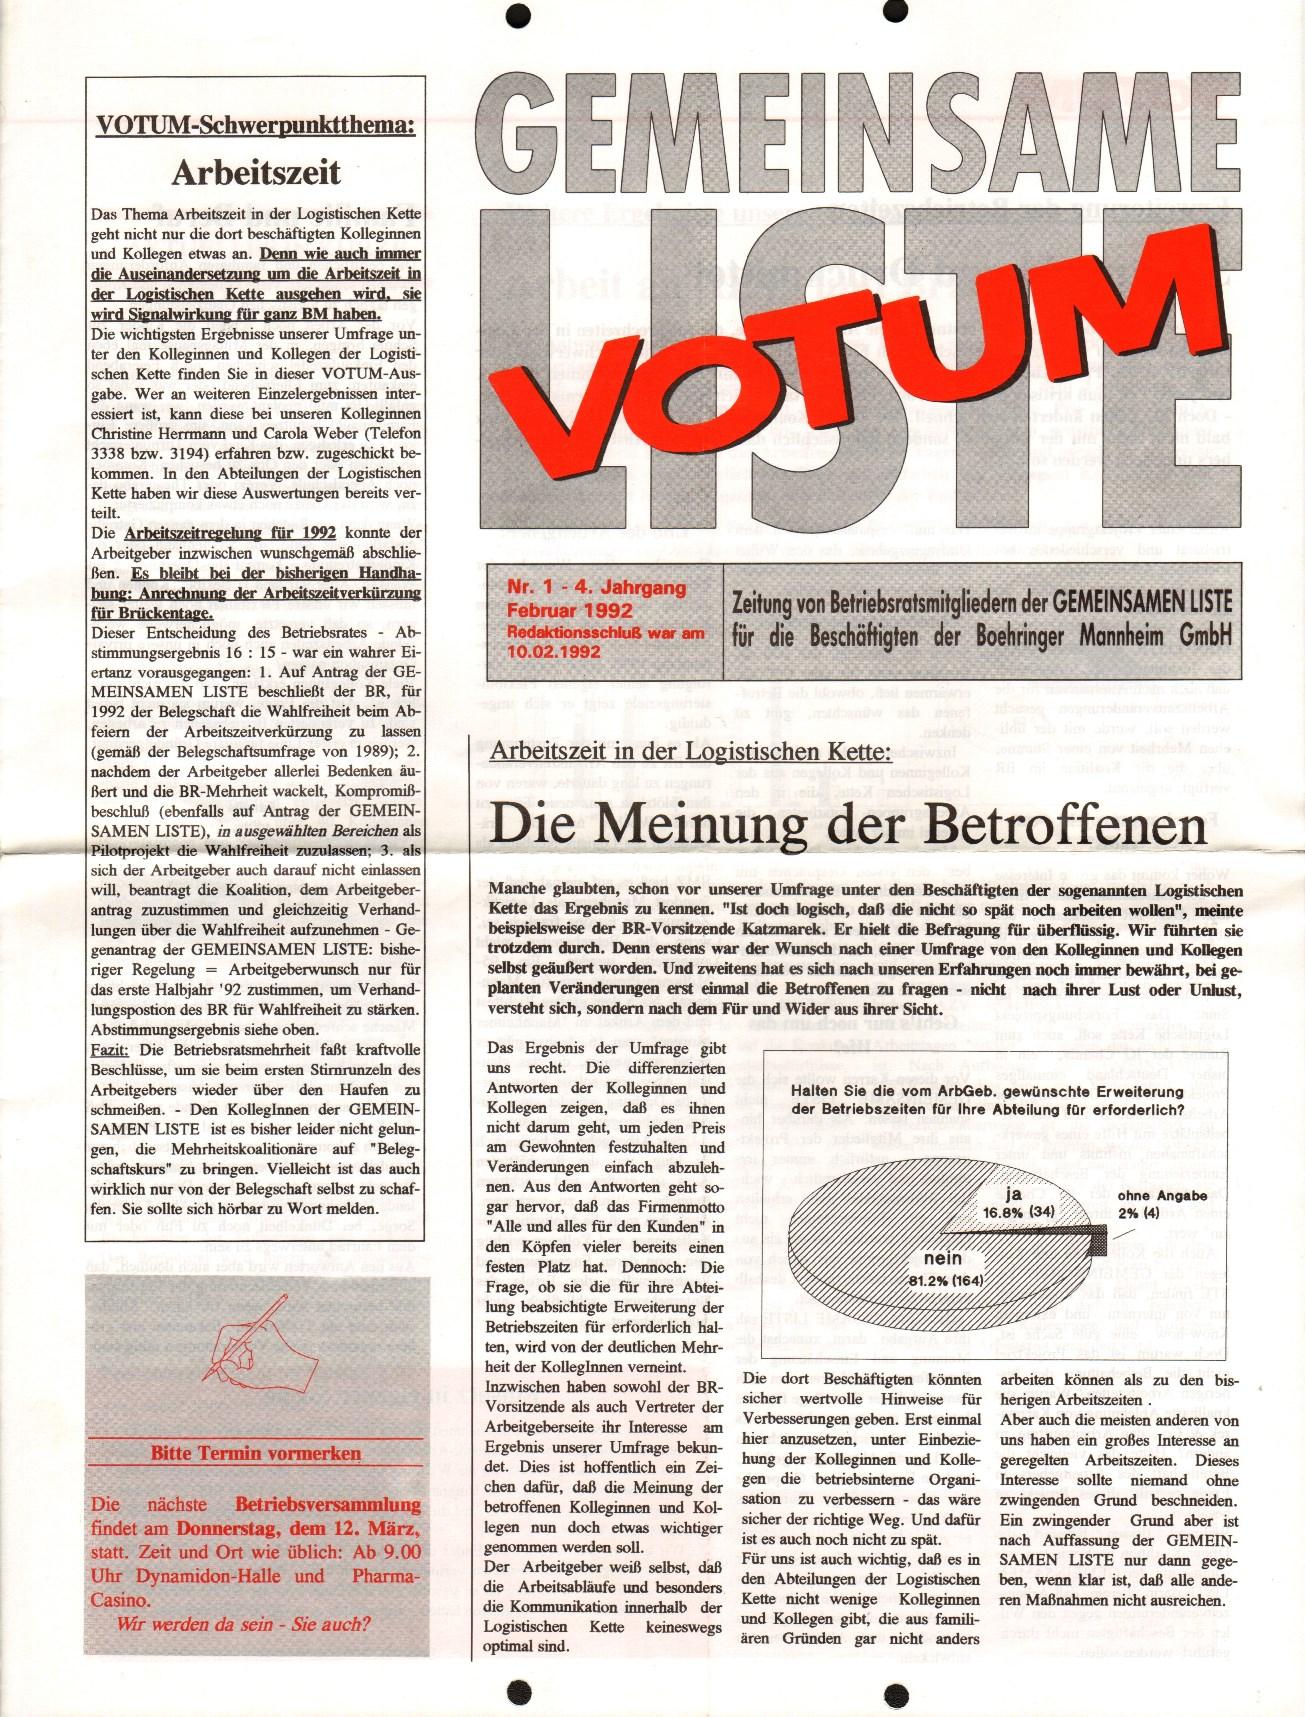 Mannheim_Boehringer_Gemeinsame_Liste_1992_01_01